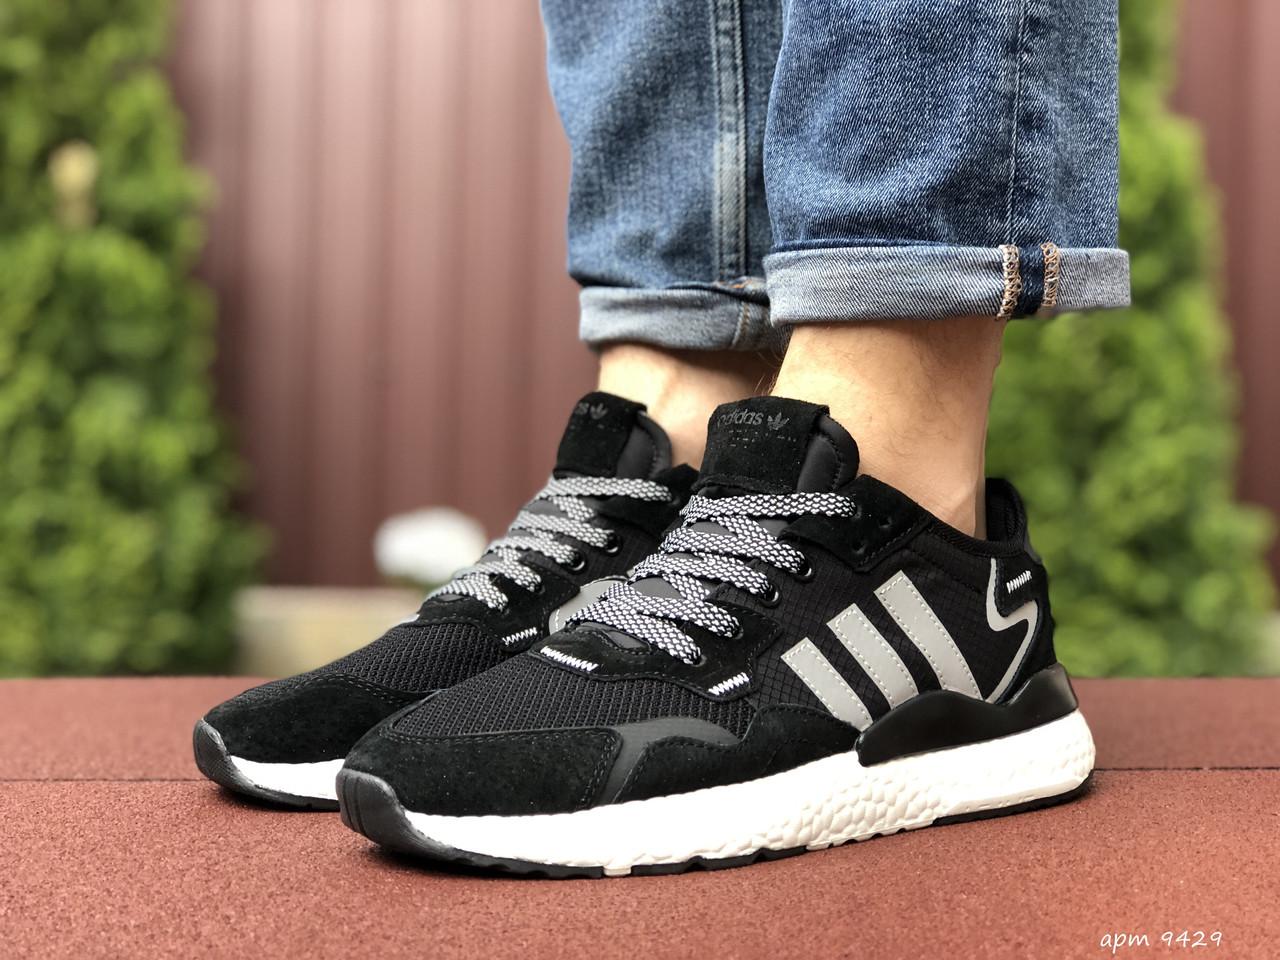 Мужские кроссовки Adidas Nite Jogger Boost 3M black/white. [Размеры в наличии: 44,46]